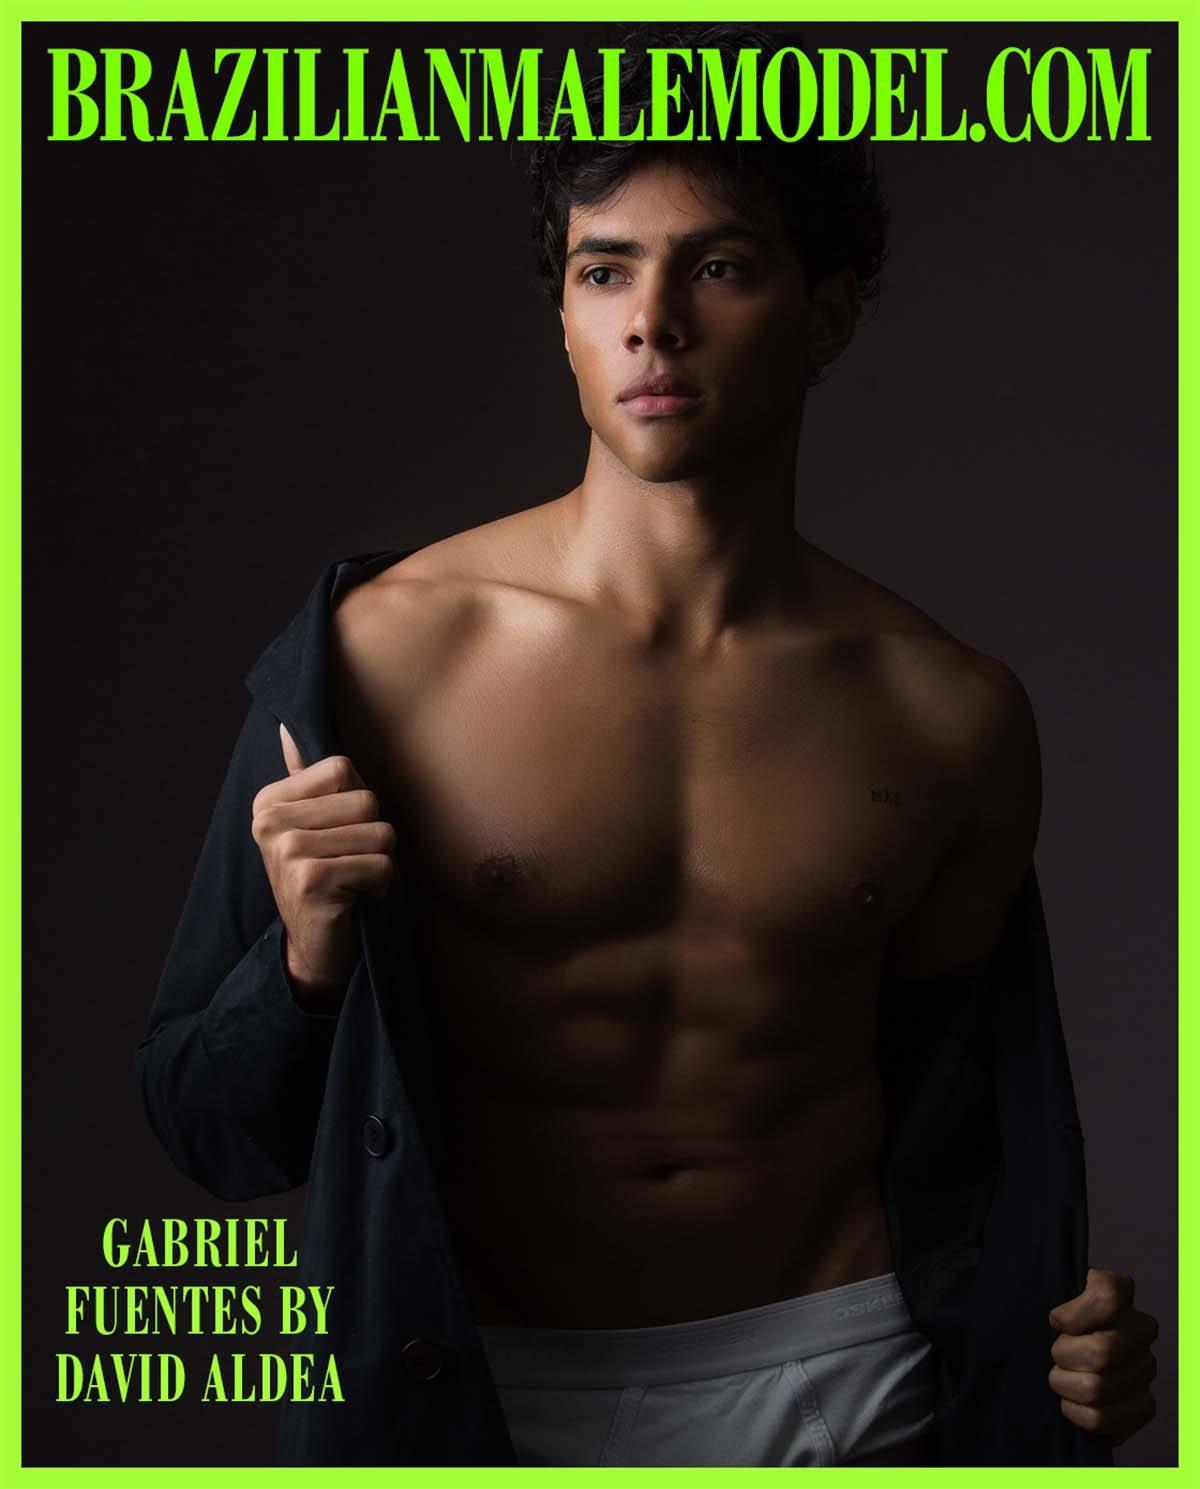 Gabriel Fuentes by David Aldea